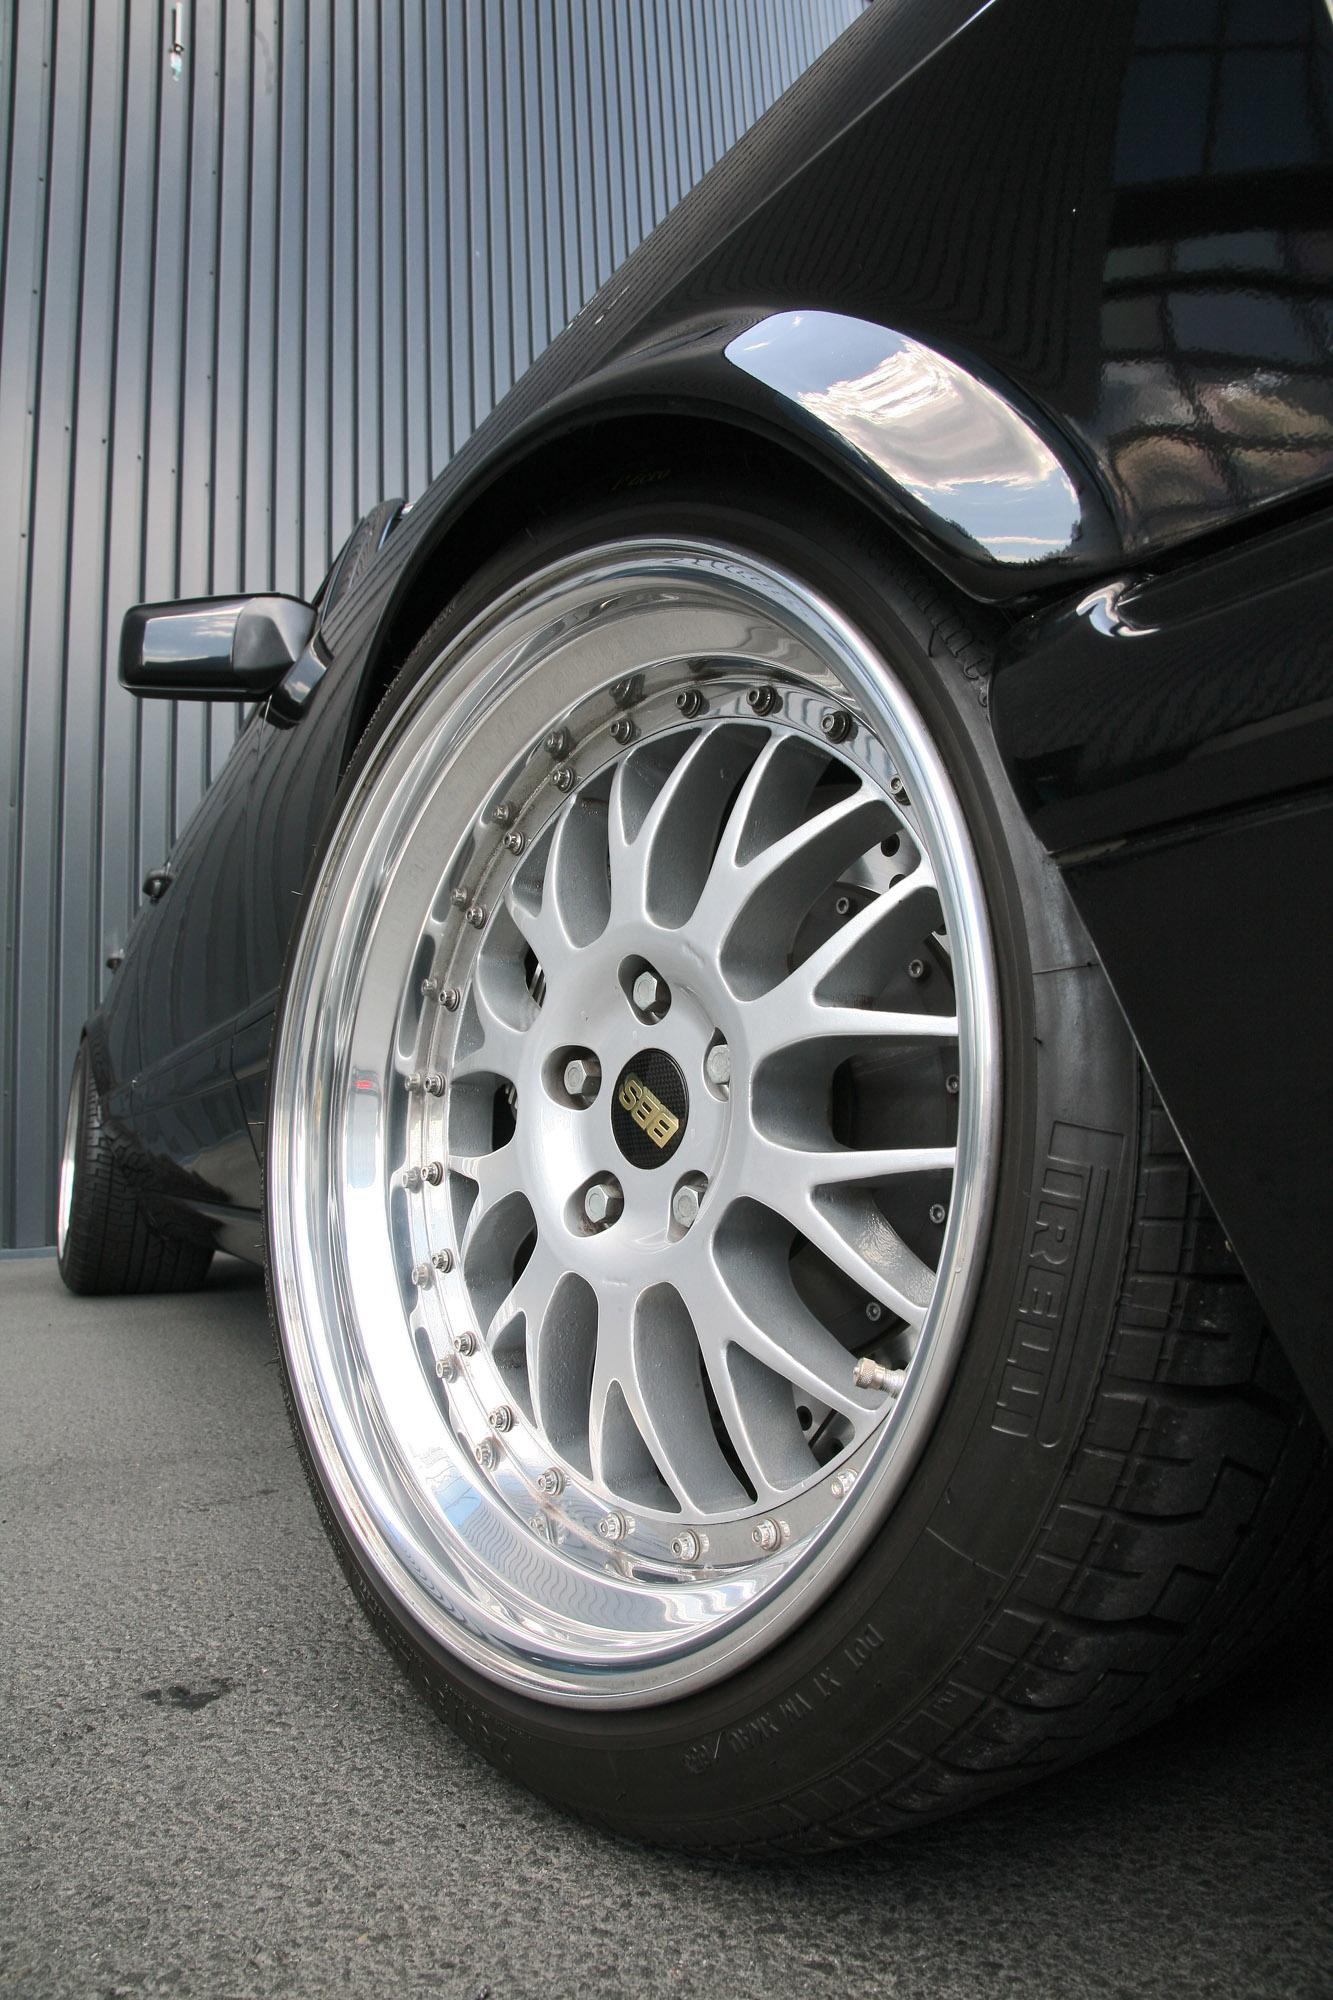 INDEN-Design Mercedes-Benz 560 SE - настоящий гангстерский автомобиль для бегства - фотография №11